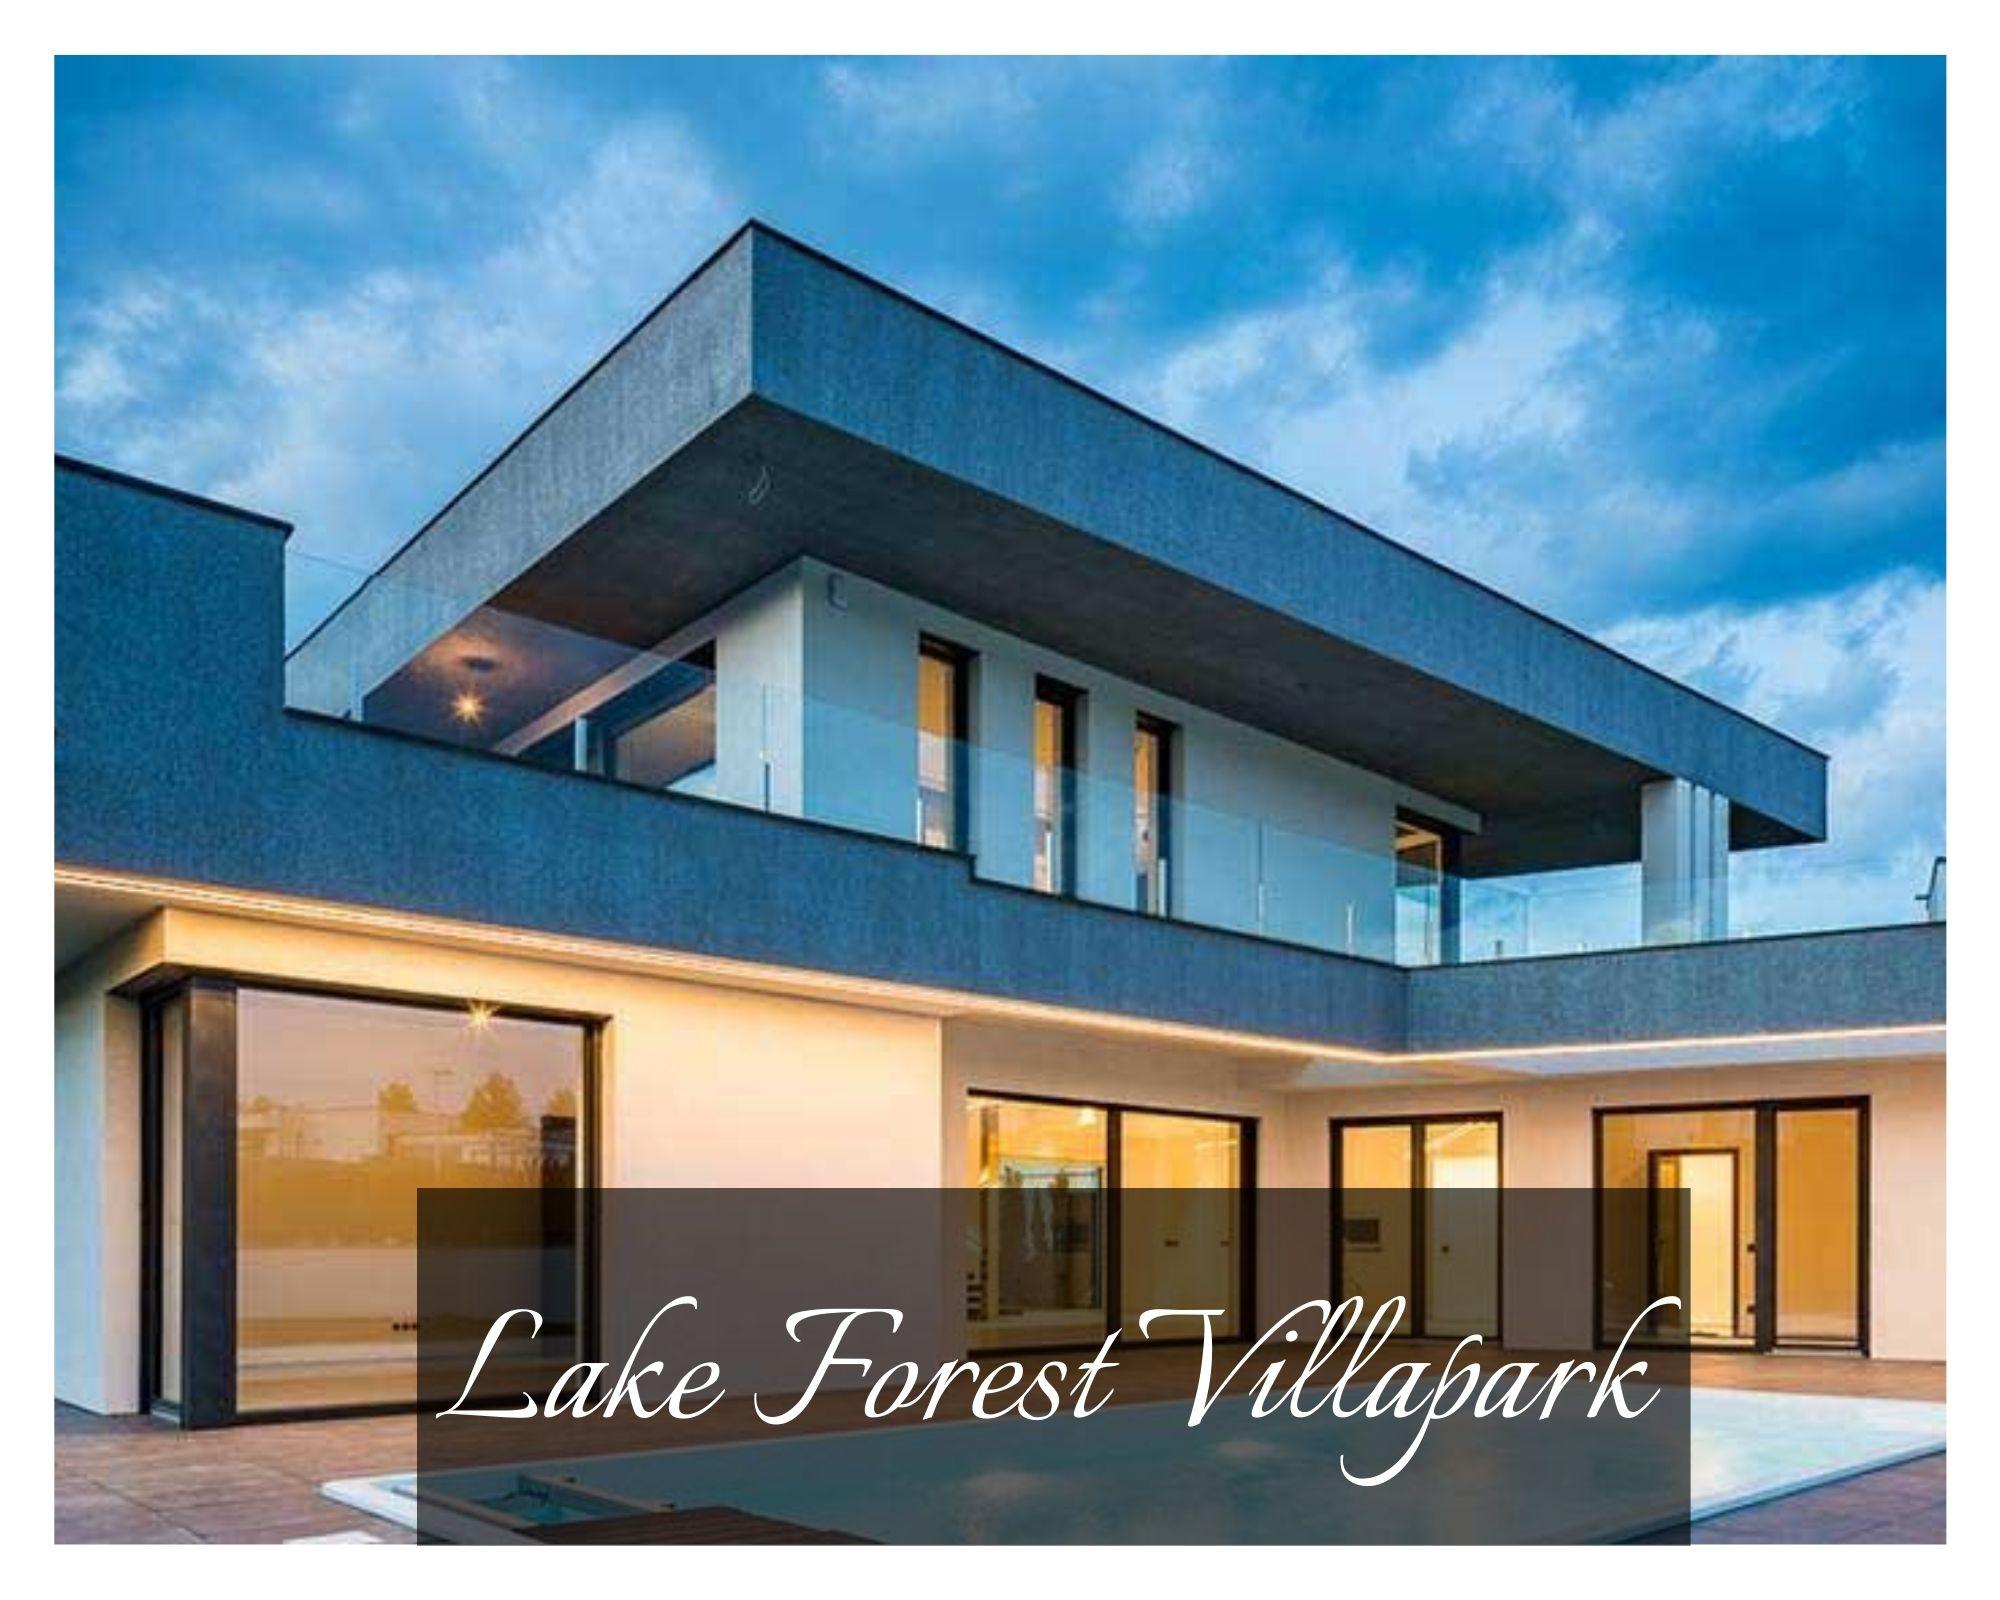 Lake Forest Villapark